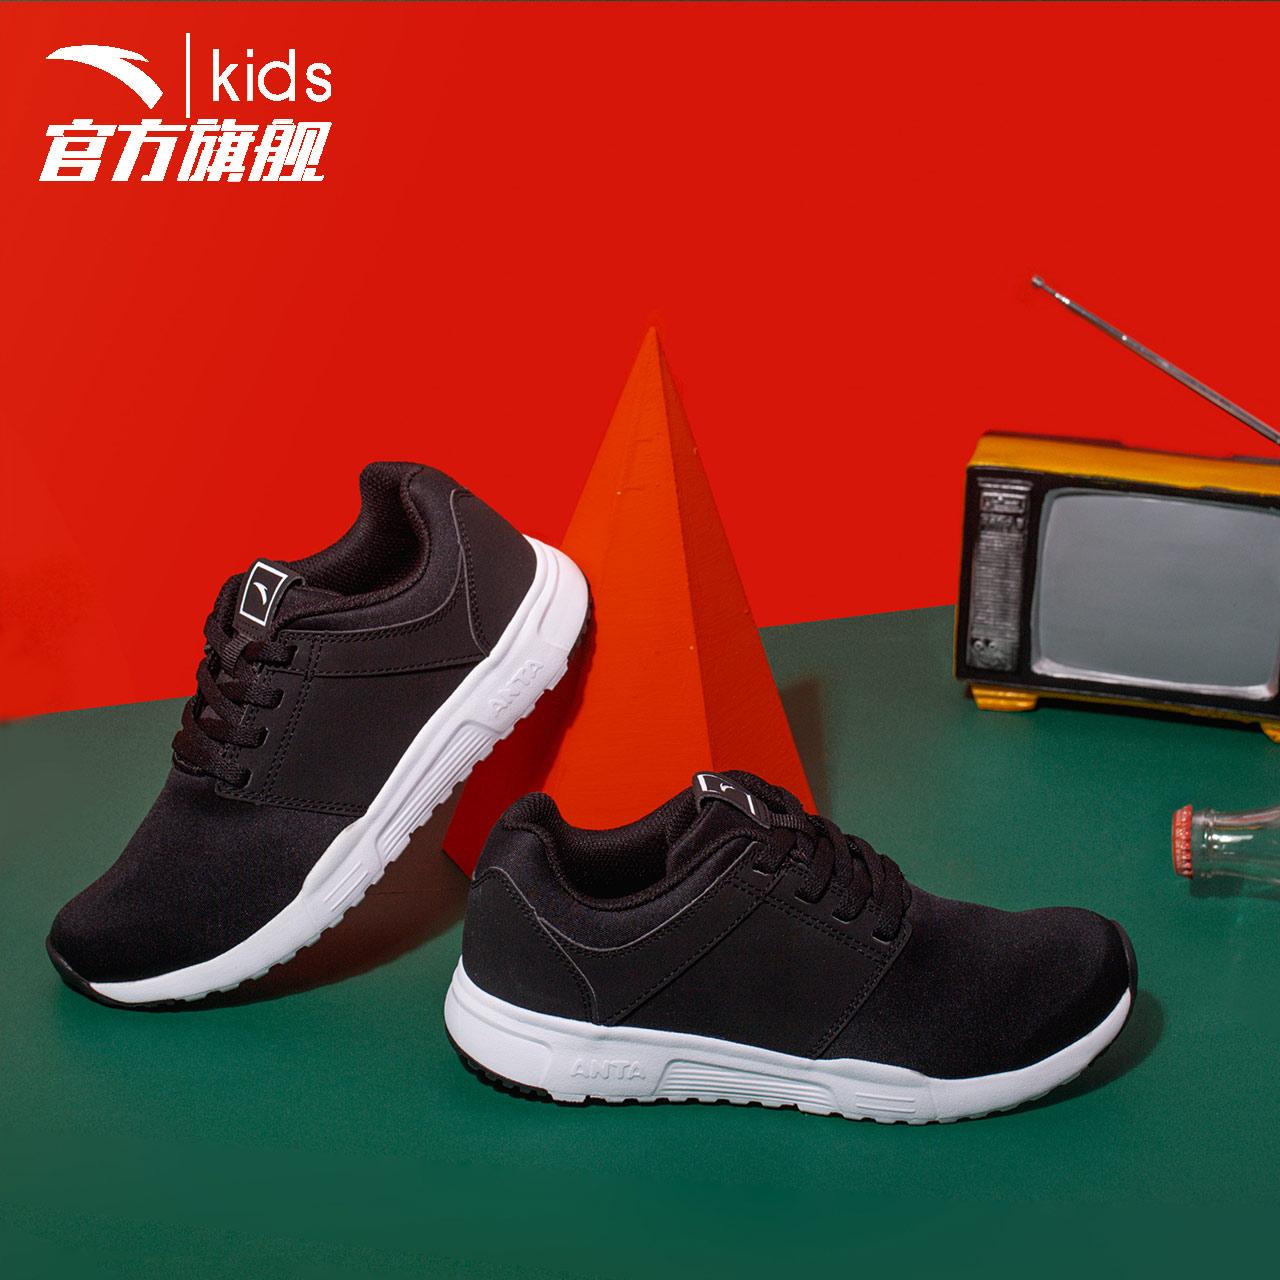 安踏童鞋 儿童休闲鞋2019春季新款跑步鞋轻便男童运动鞋透气跑鞋